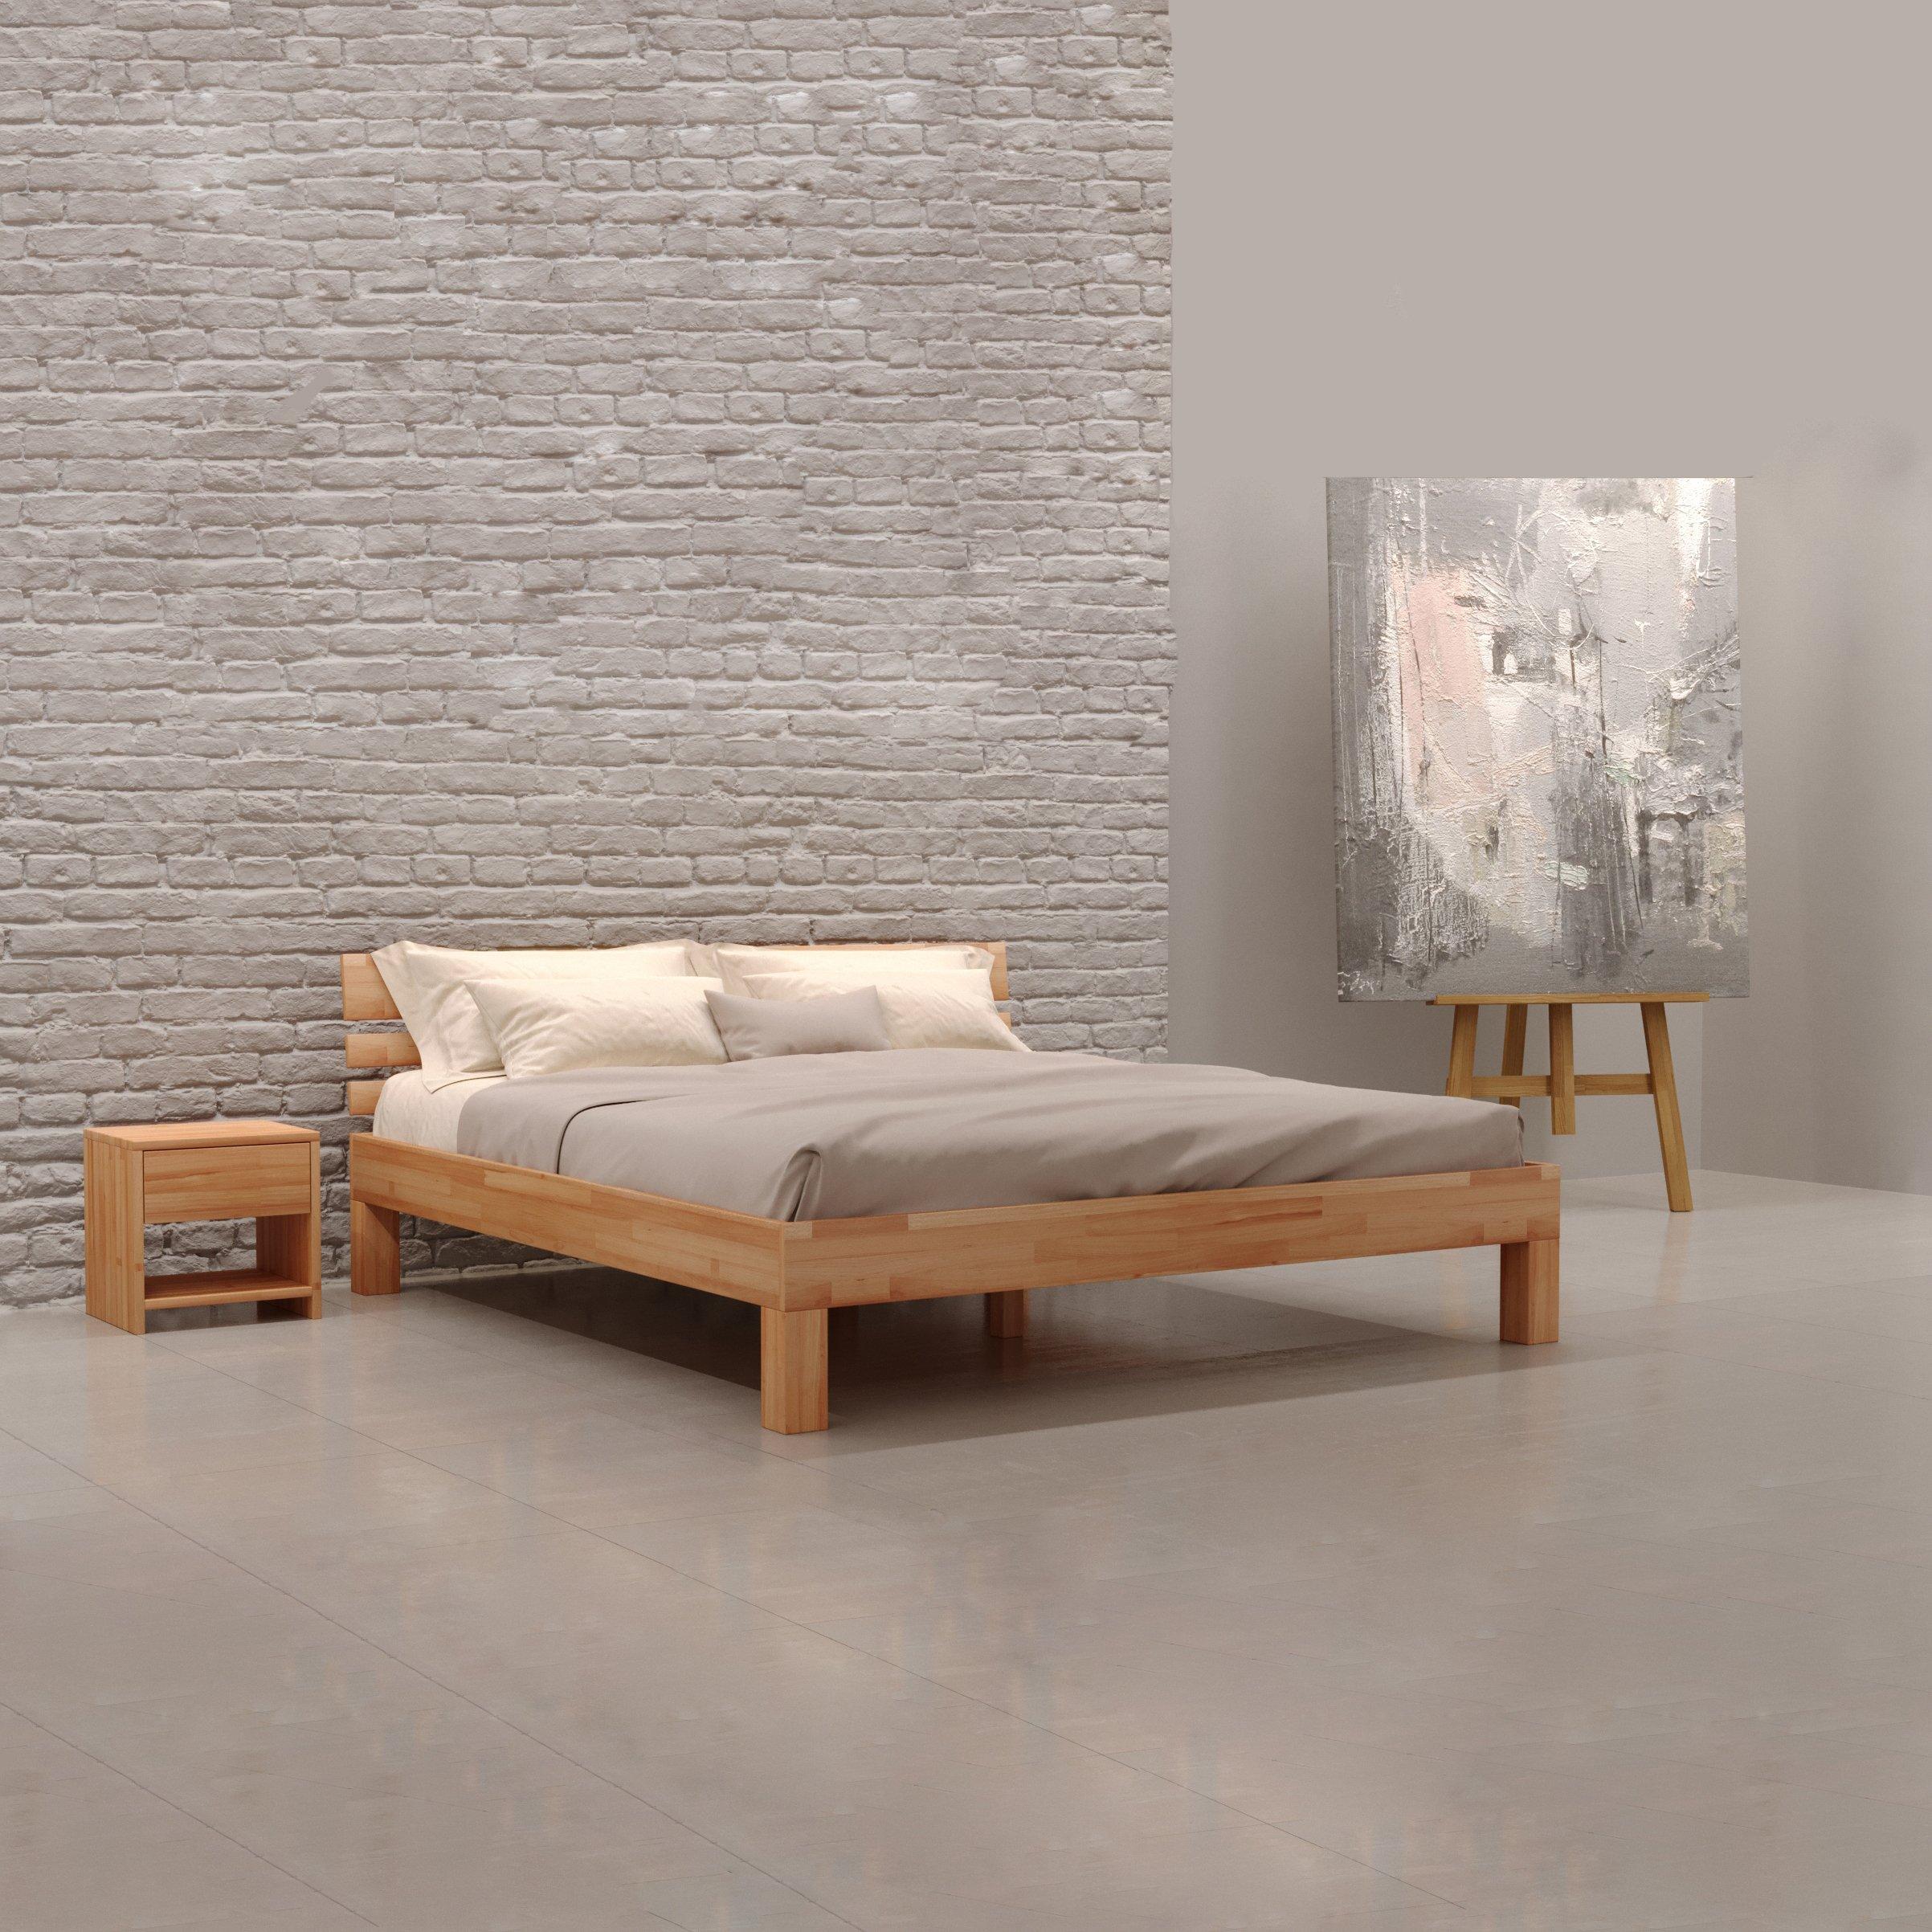 Full Size of Am Besten Bewertete Produkte In Der Kategorie Betten Amazonde Feng Shui Bett Tojo V Mit Hohem Kopfteil Platzsparend Schlafzimmer 180x200 Schwarz 160x200 Bett Bestes Bett